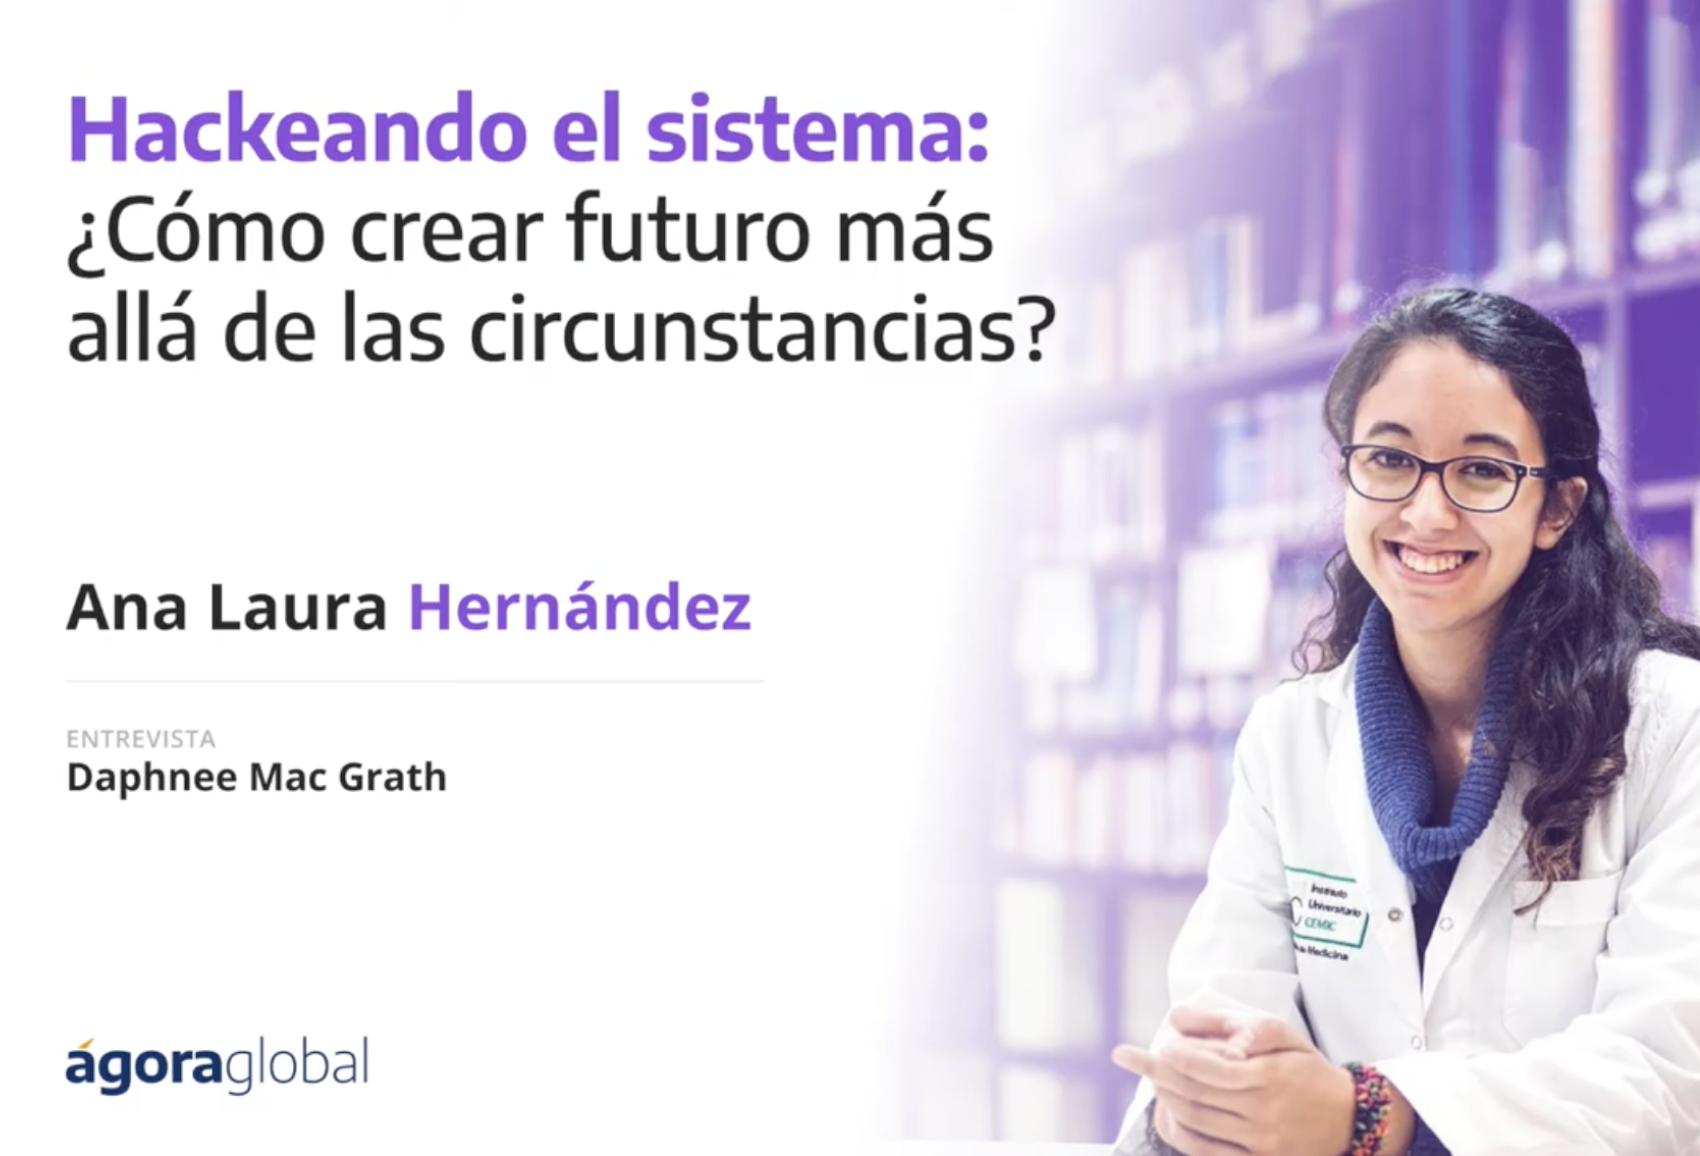 Hackeando el sistema: ¿Cómo crear futuro más allá de las circunstancias?